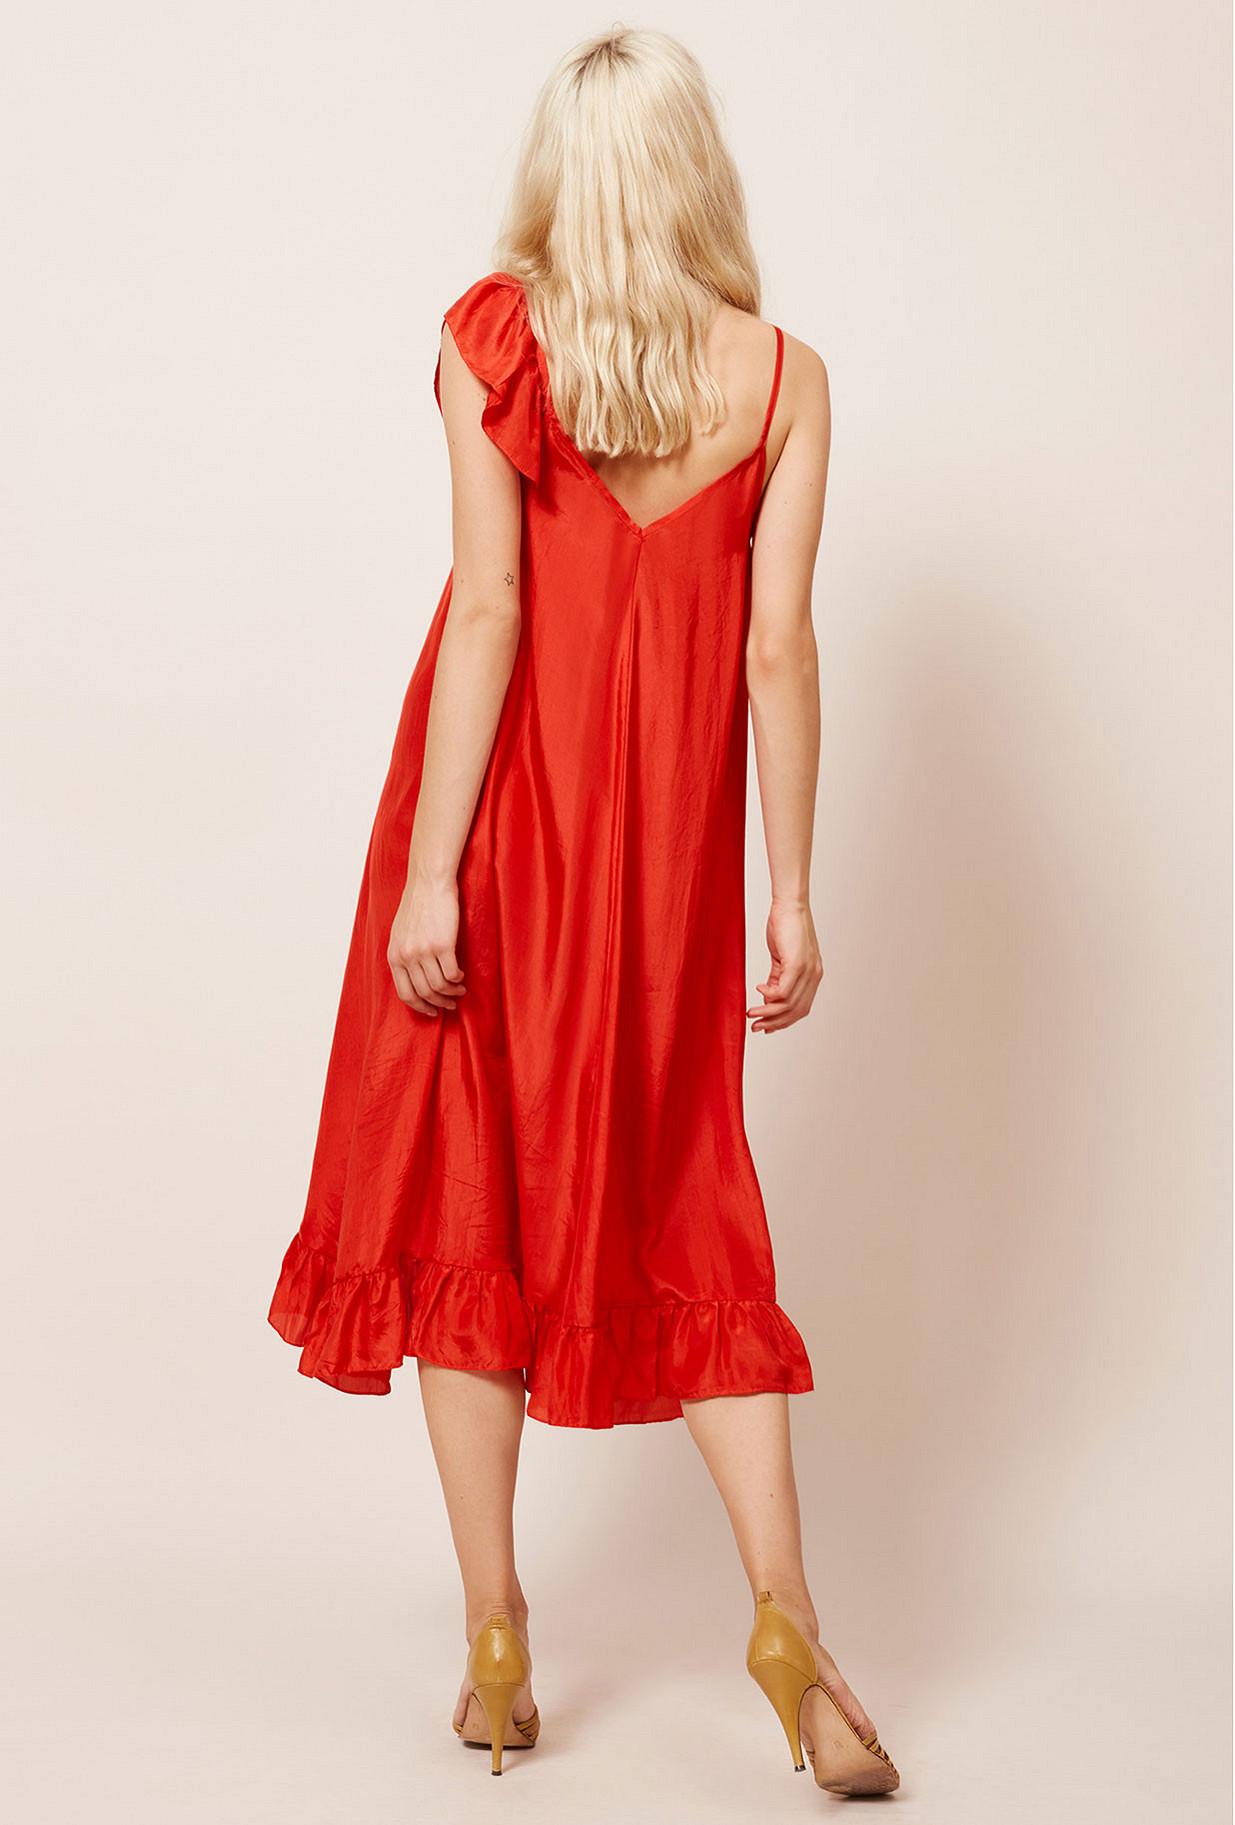 Coral  Dress  Noemie Mes demoiselles fashion clothes designer Paris